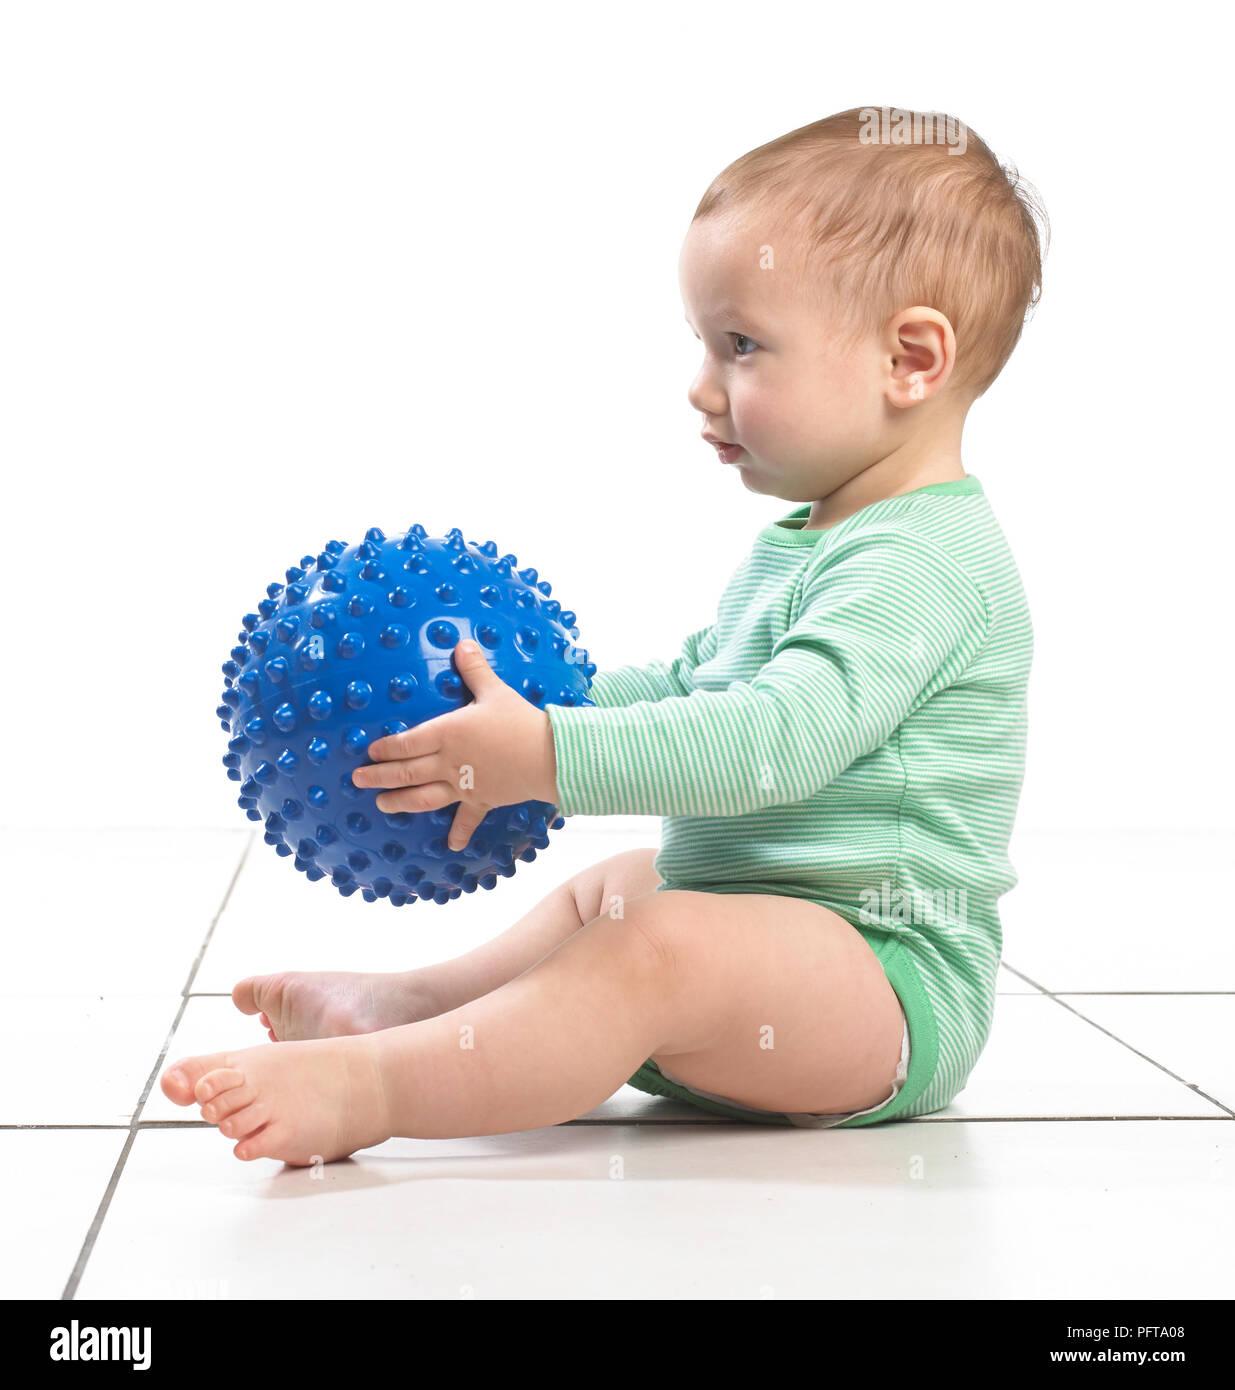 Baby Boy (12,5 Monate) sitzen hält eine holprige Ball Spielzeug Stockbild